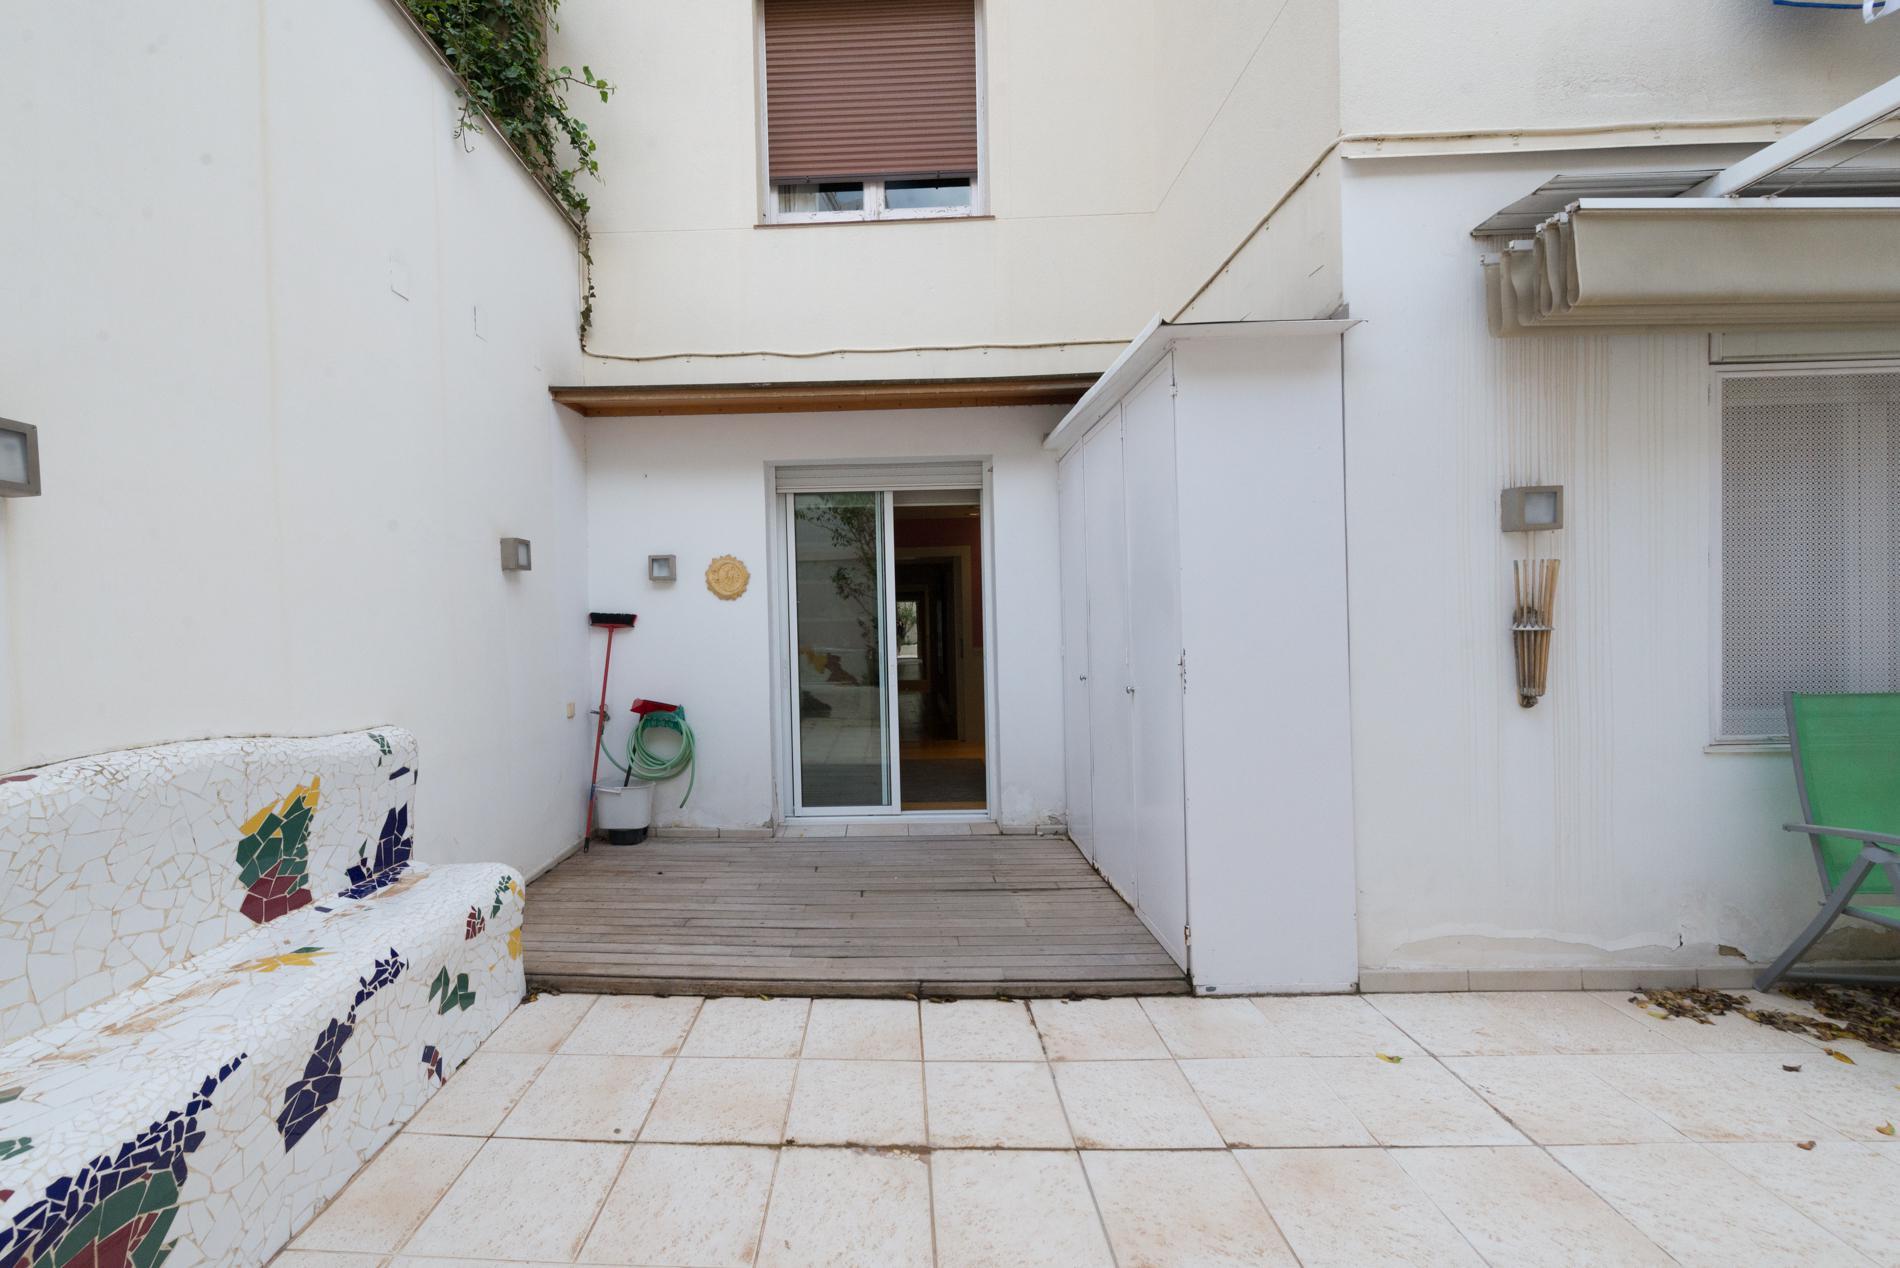 247761 Ground Floor for sale in Sarrià-Sant Gervasi, St. Gervasi-Bonanova 25